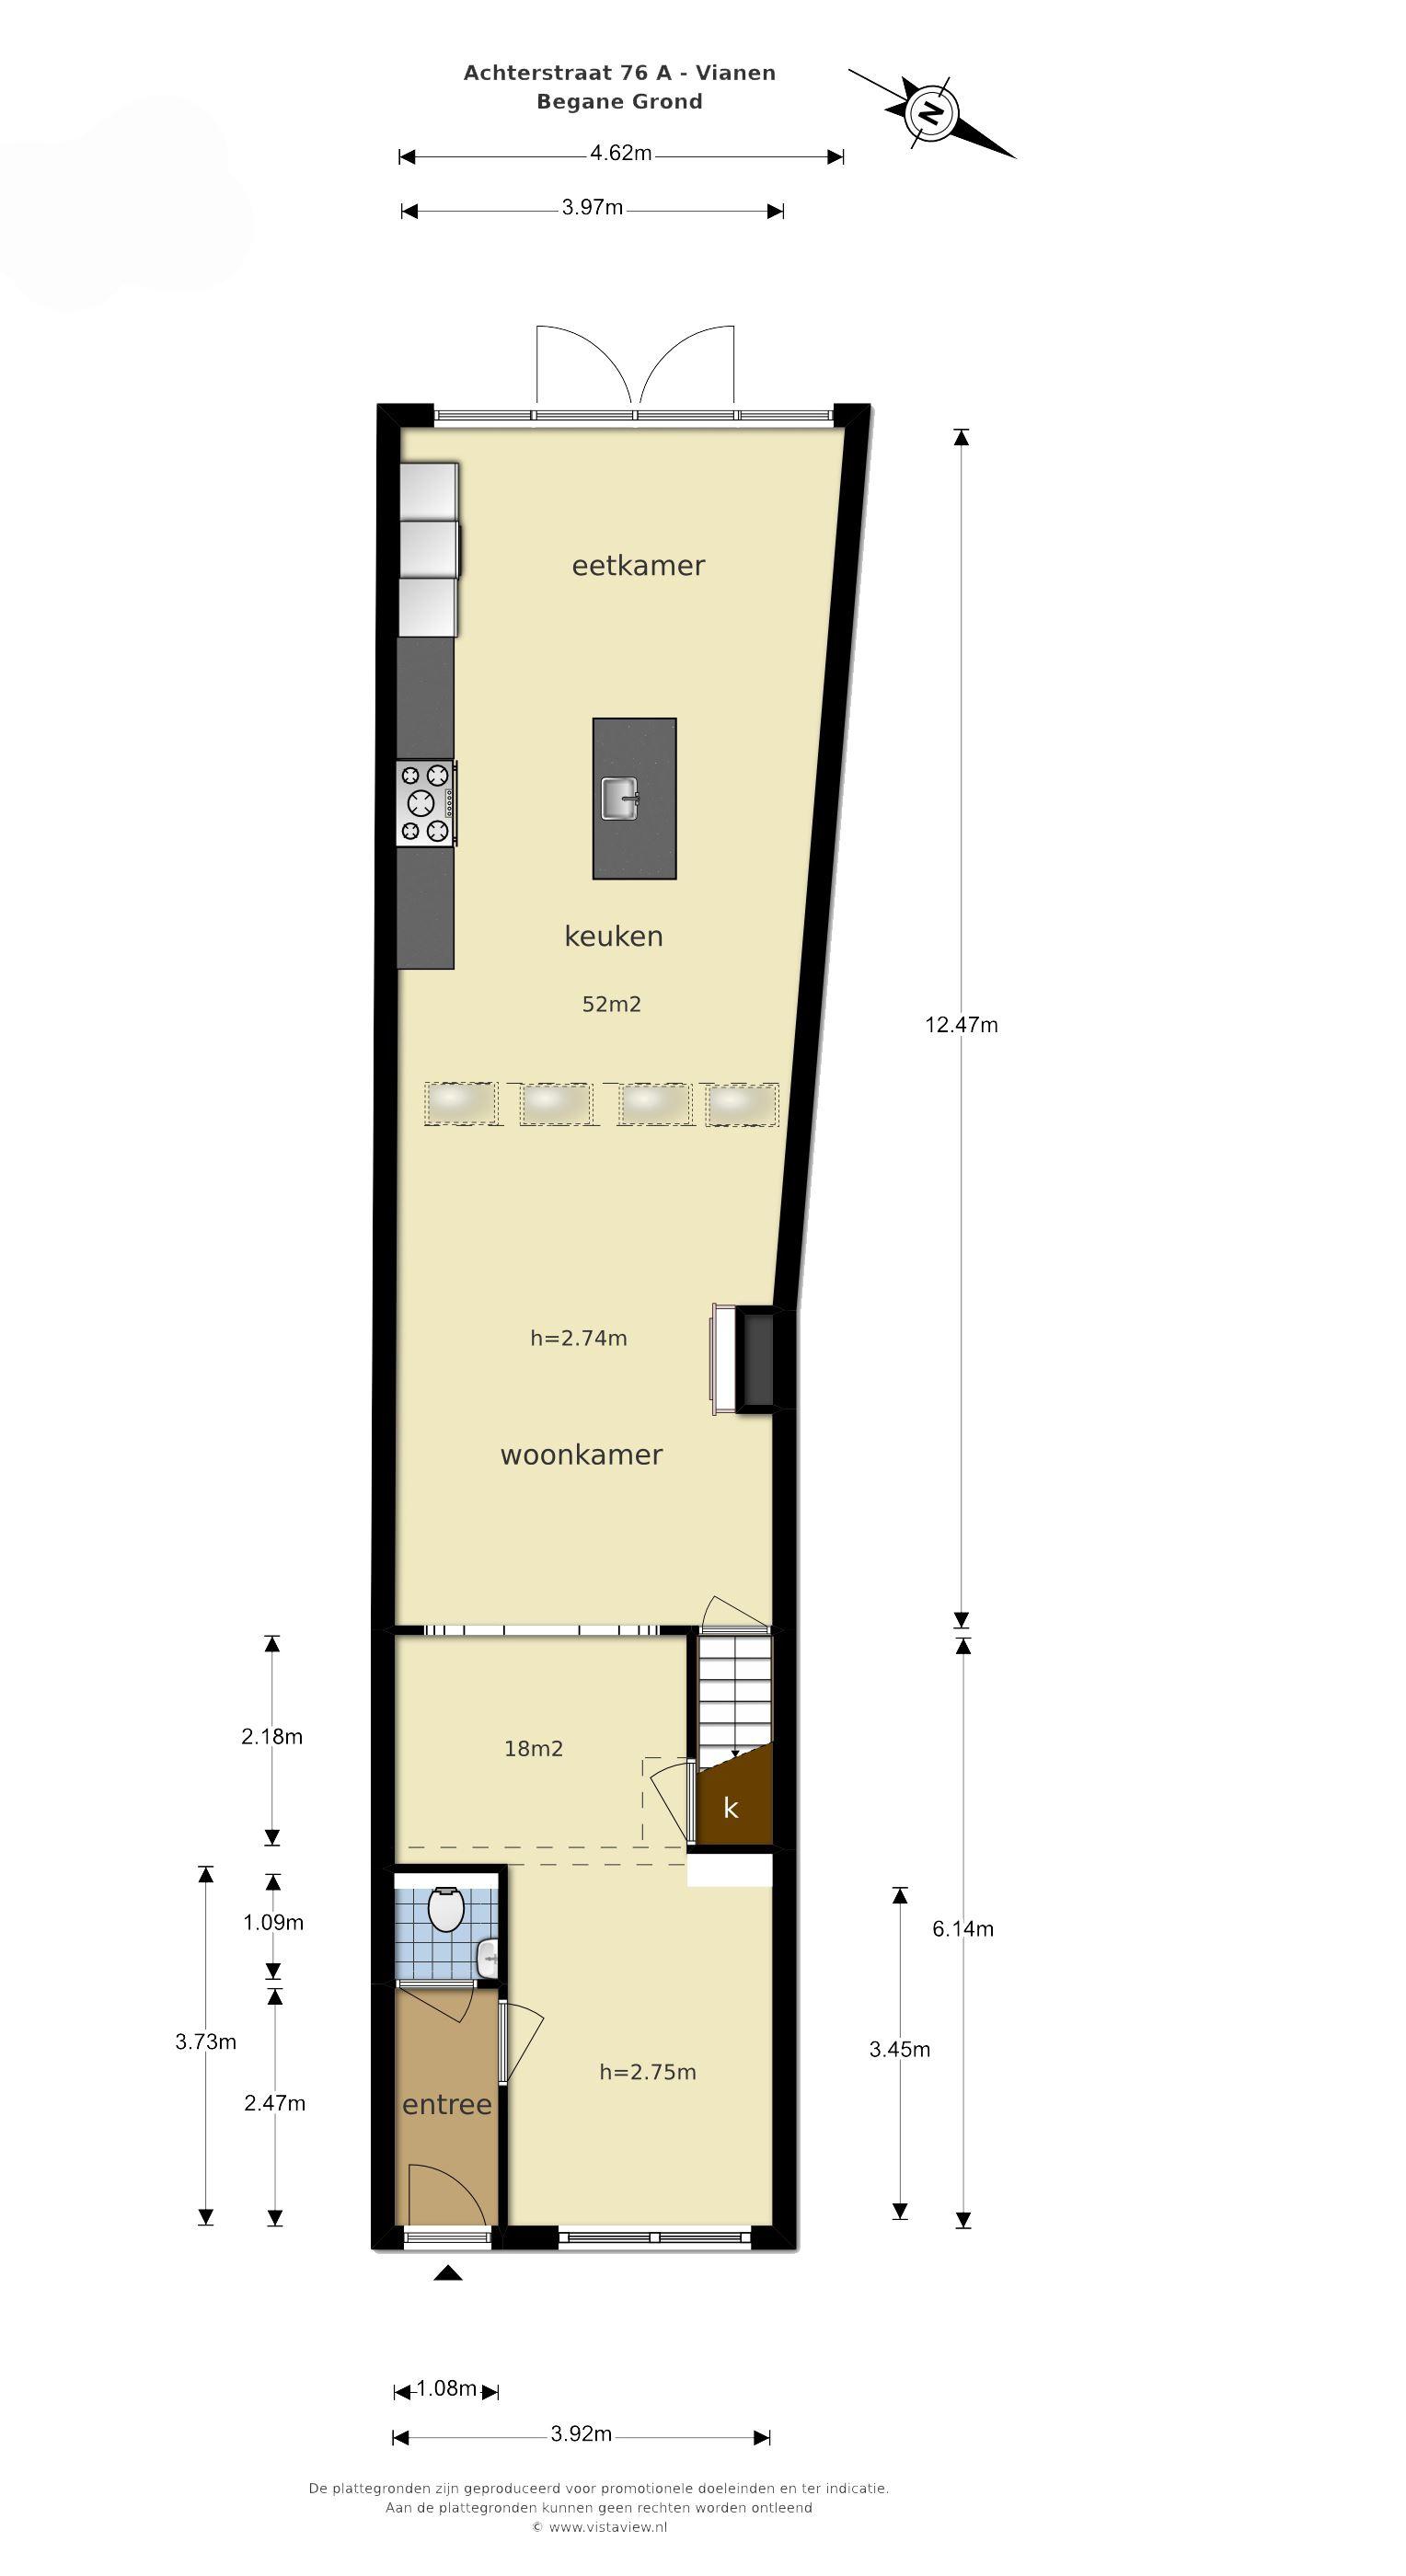 Huis te koop: Achterstraat 76 a 4132 VG Vianen [funda]